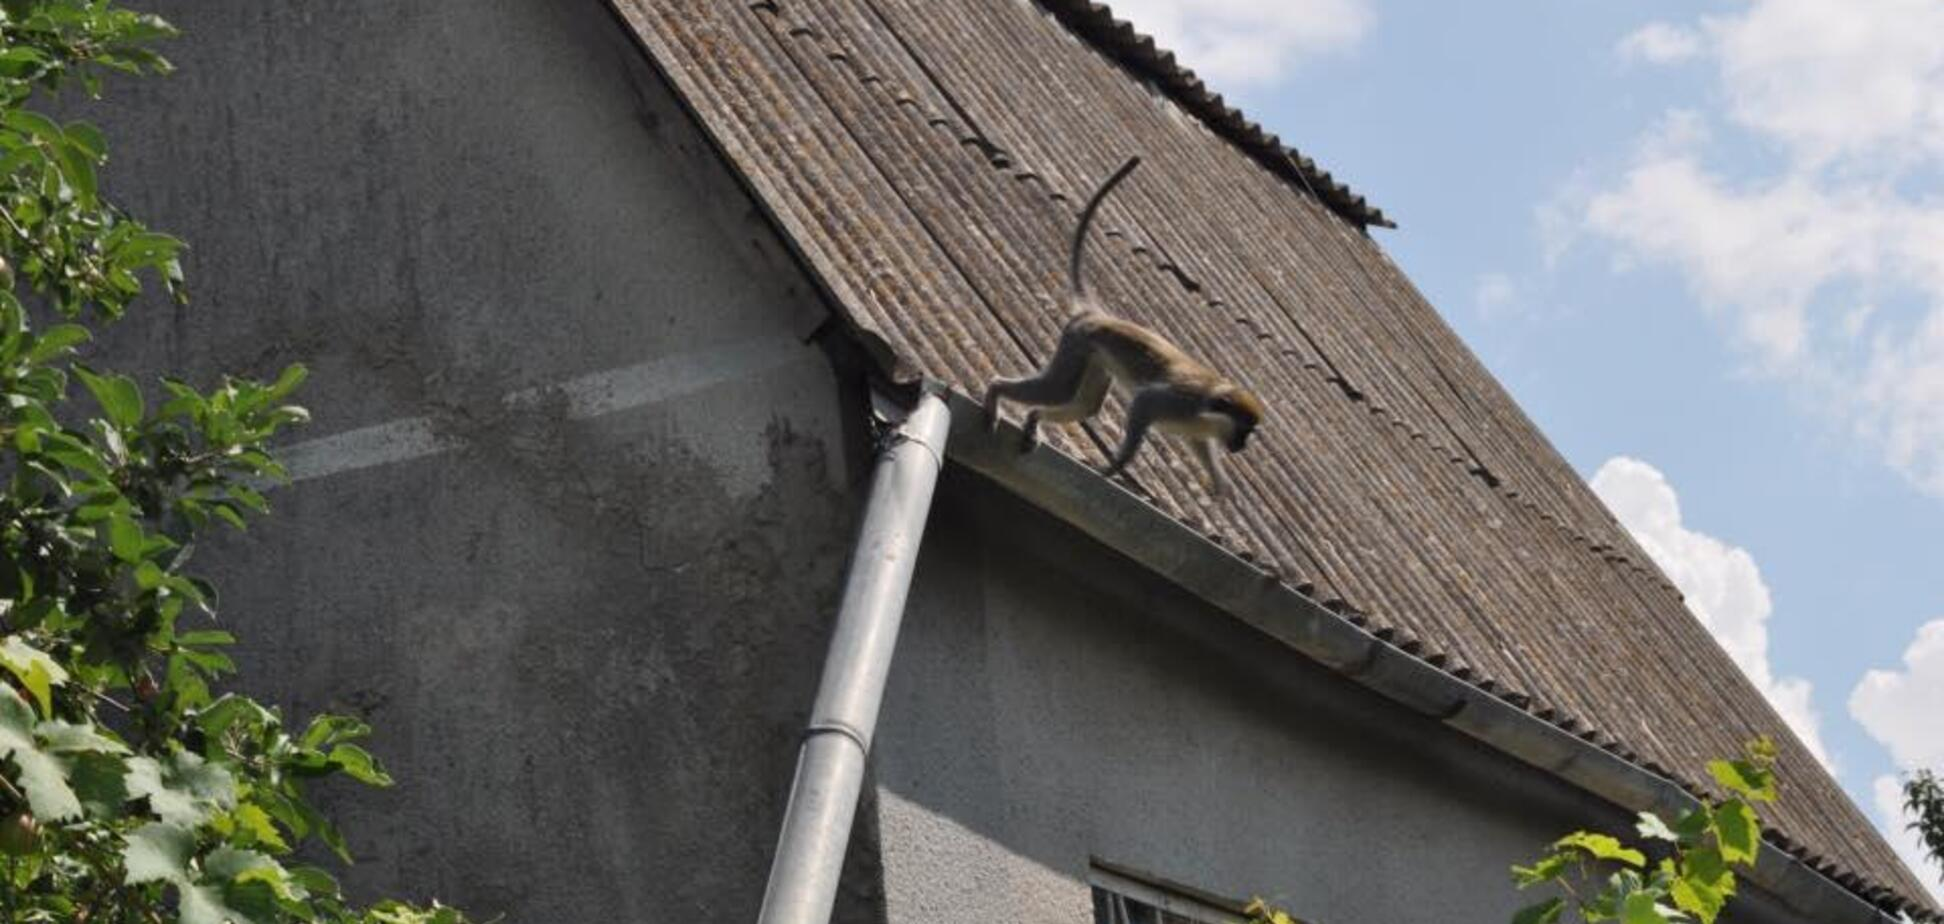 Під Одесою зграя мавп влаштувала терор місцевим жителям